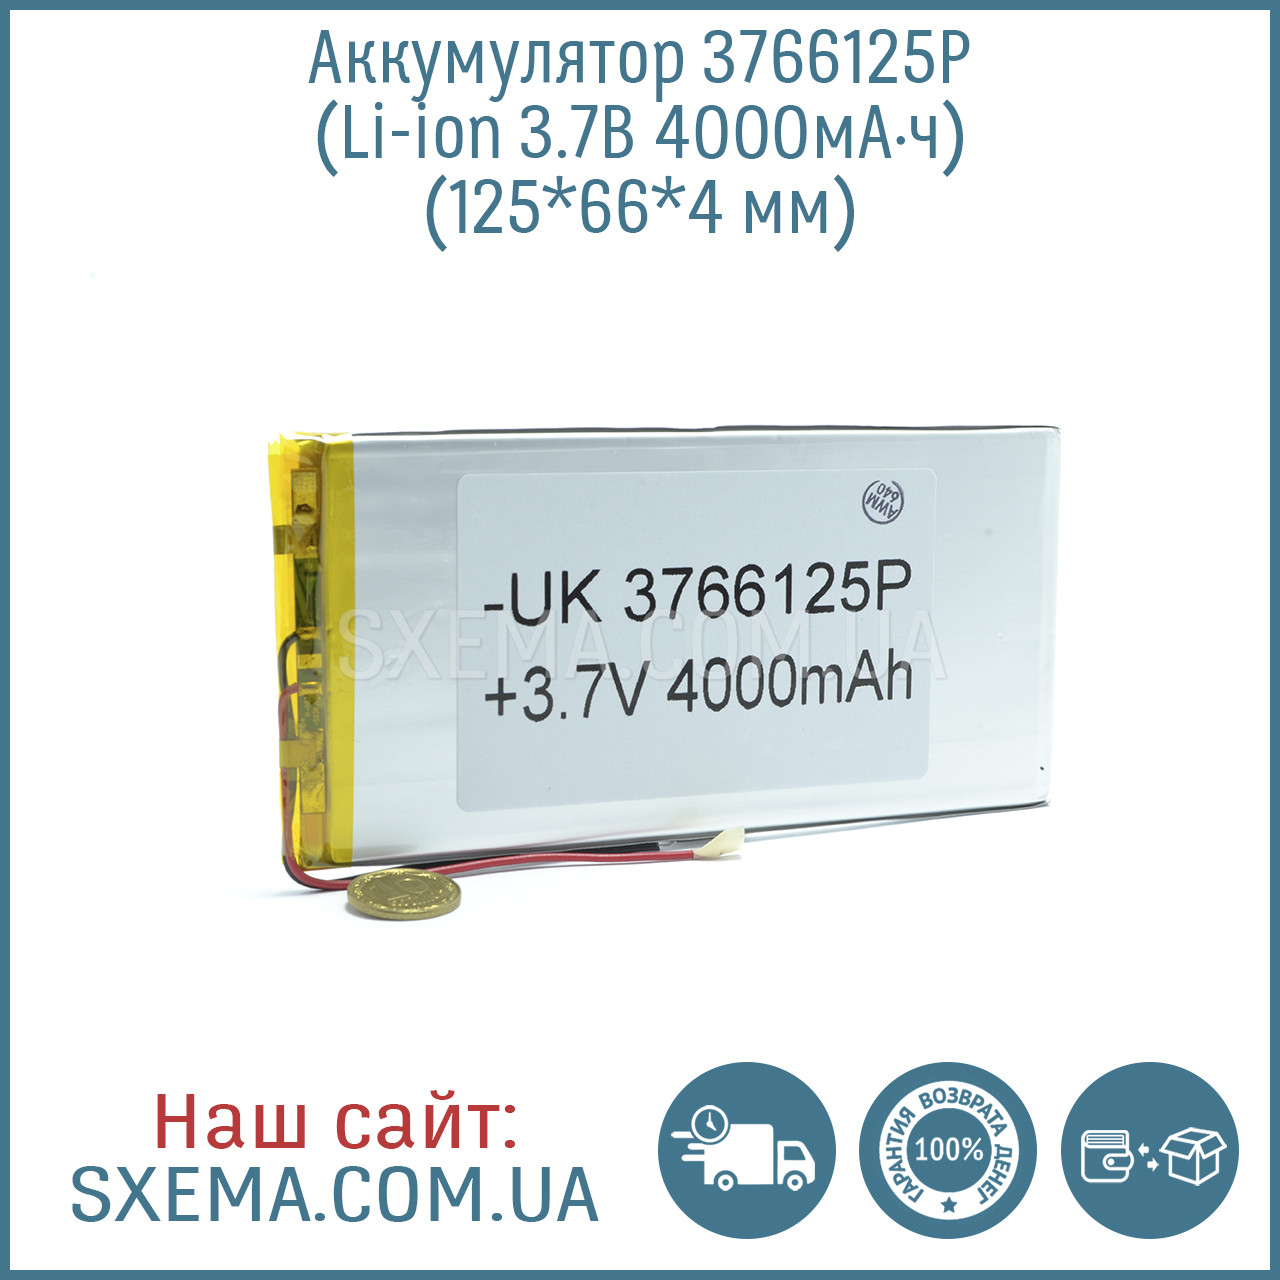 Аккумулятор универсальный 3766125   (Li-ion 3.7В 4000мА·ч), (125*66*4 мм)